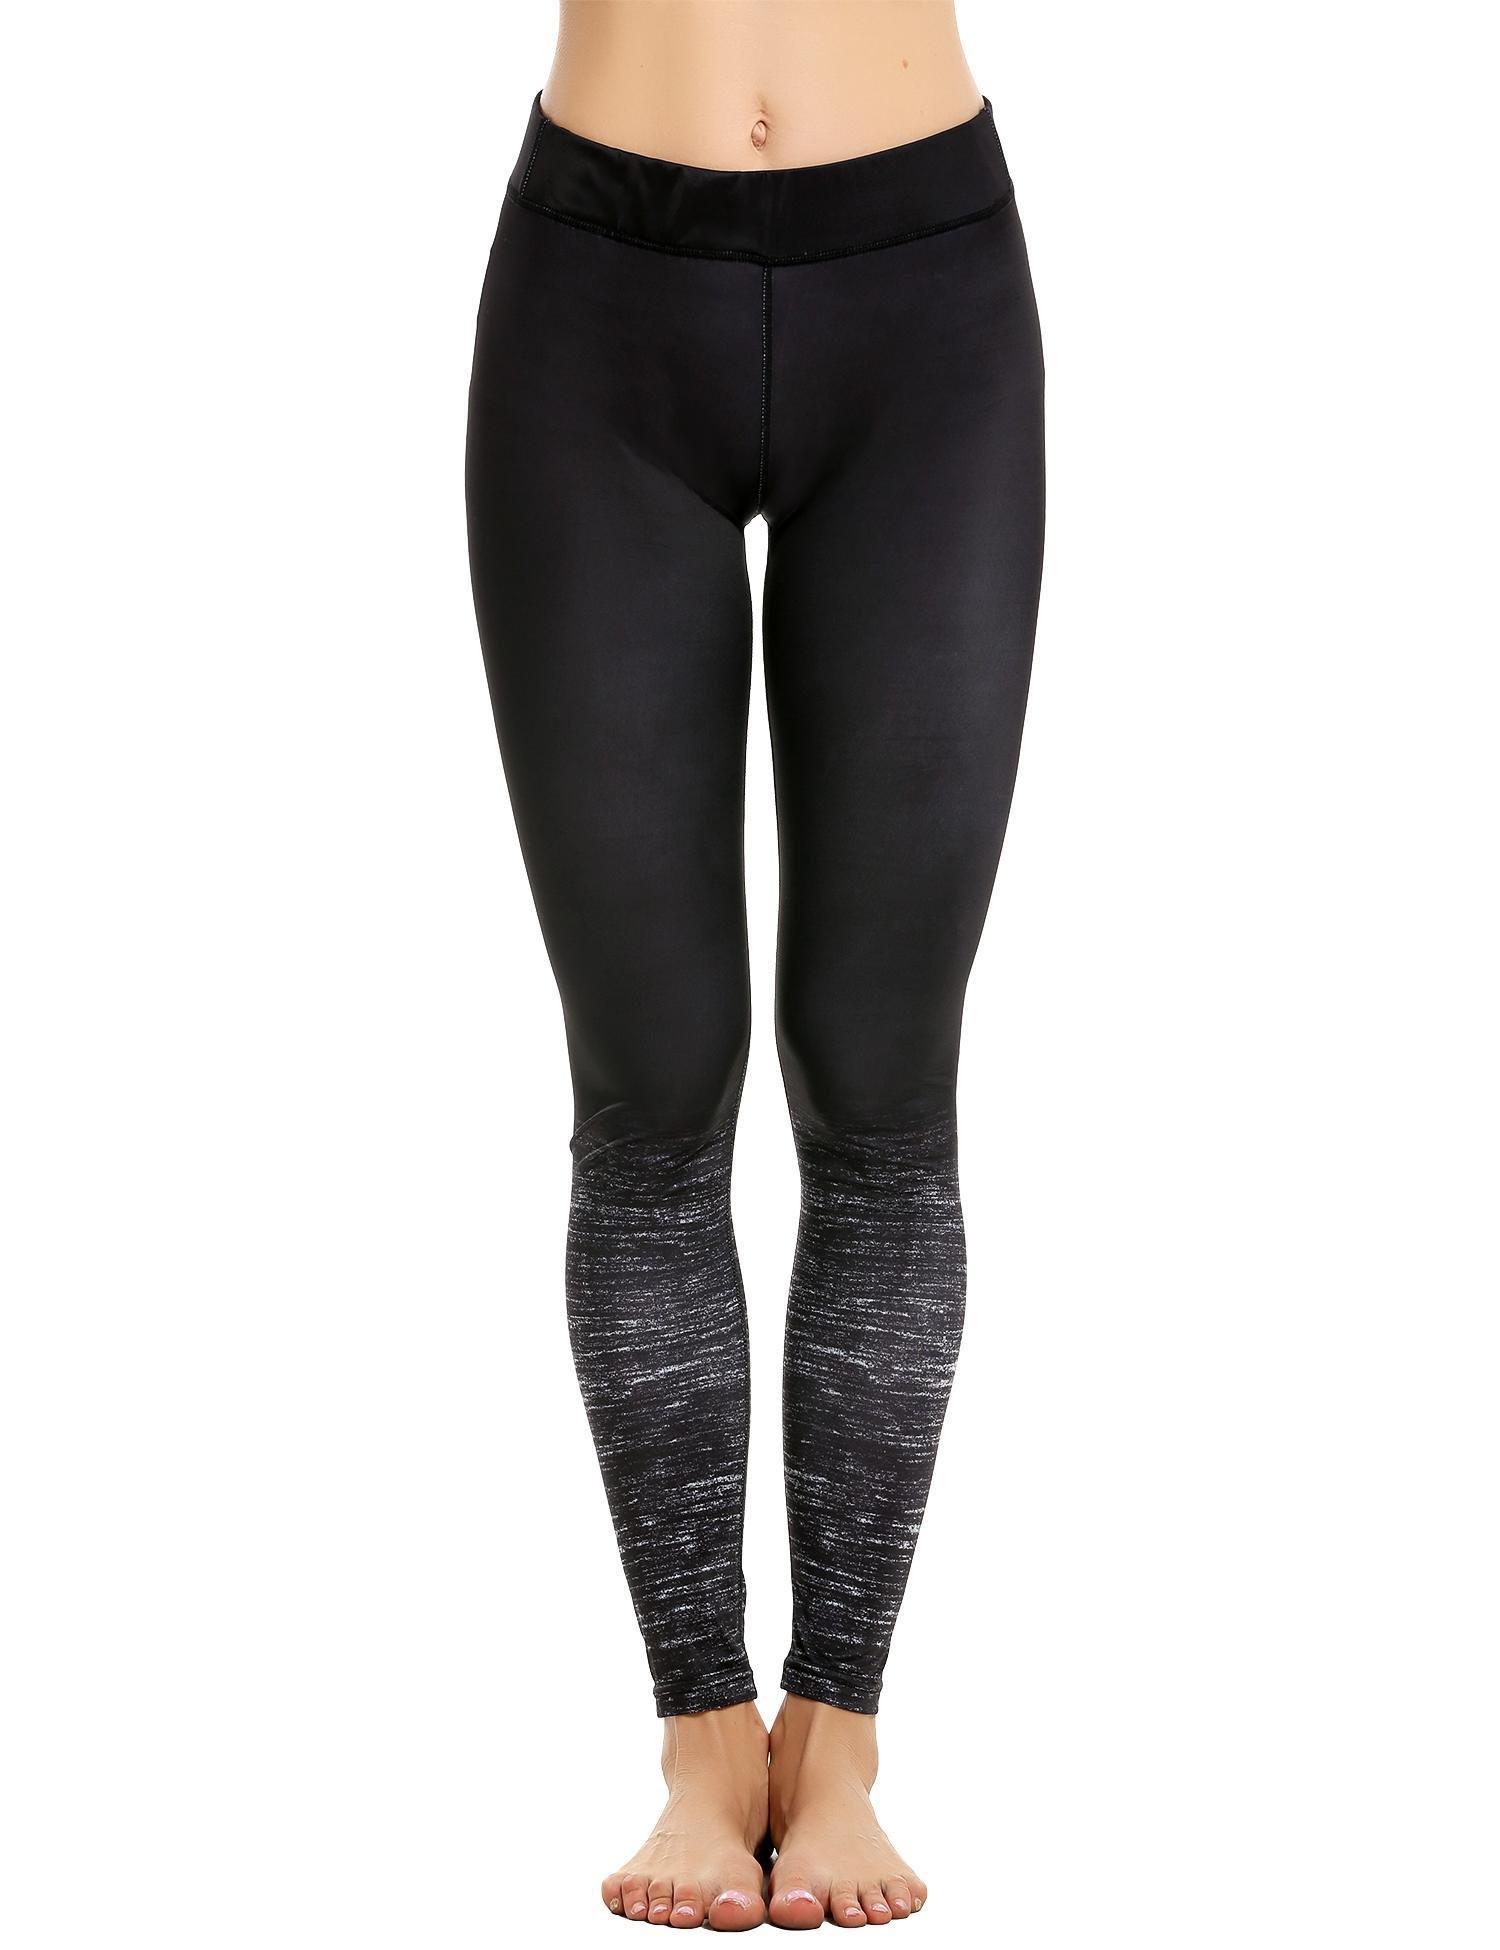 Coorun Femme Pantalon Élastique Jogging Taille Haute Gradient De Couleur Noir